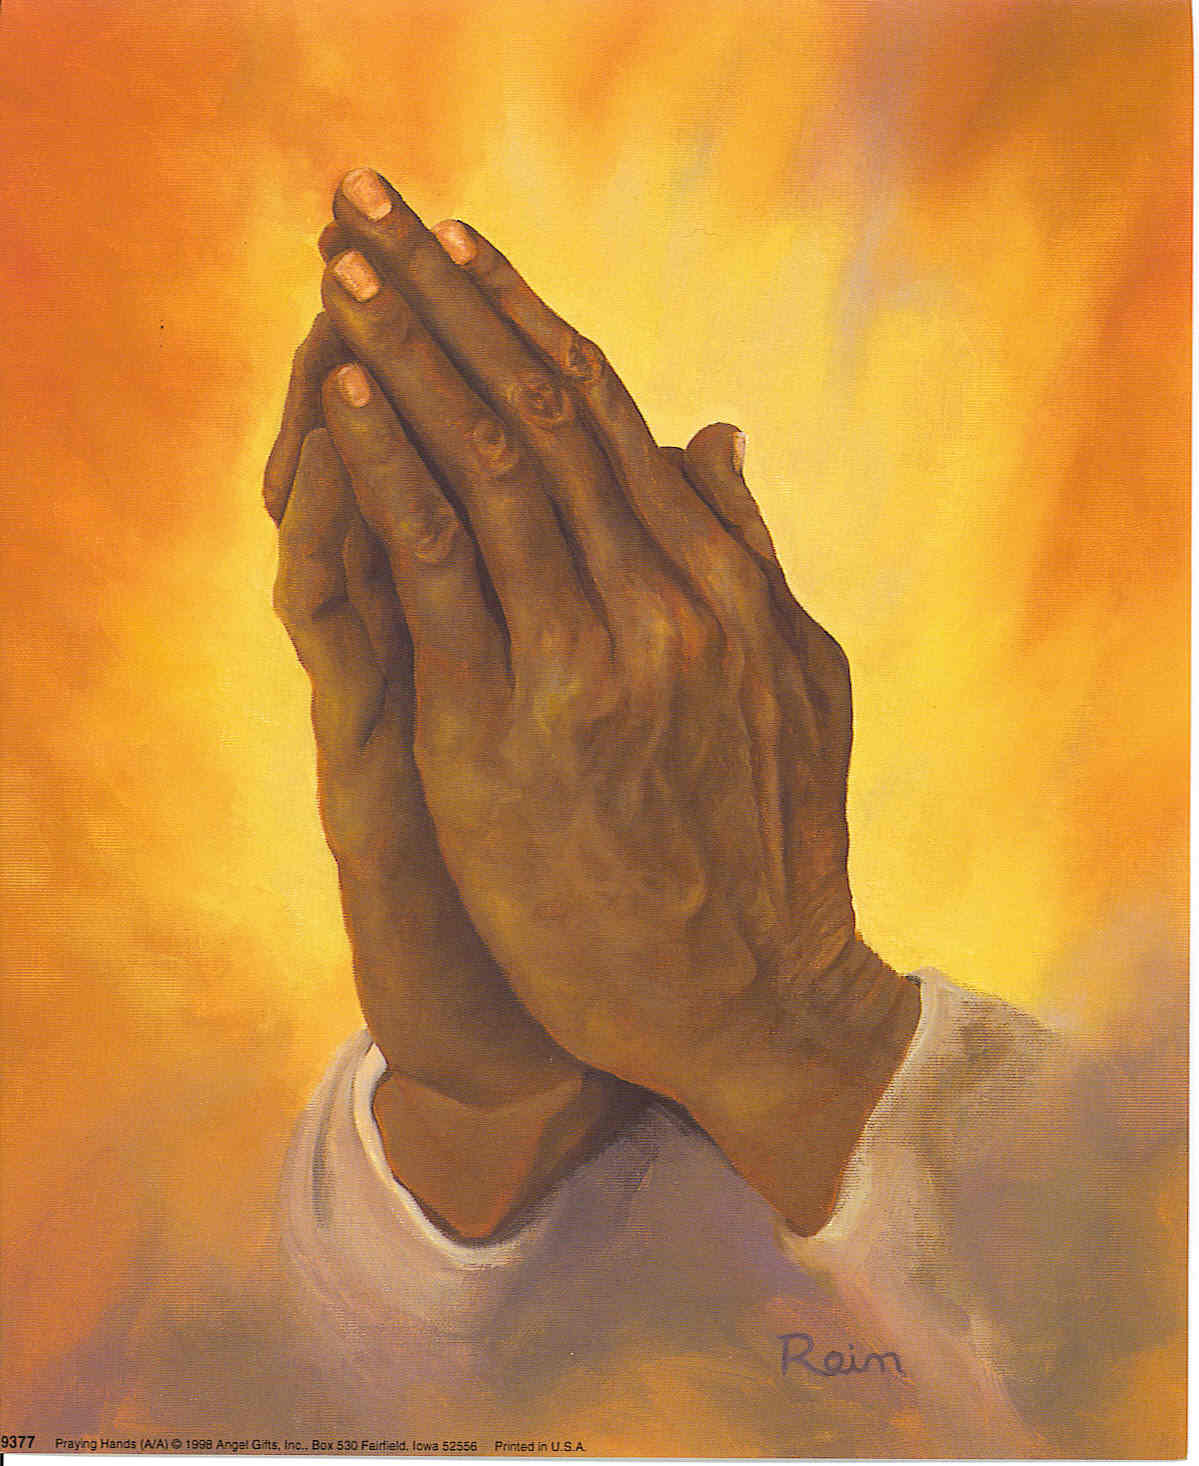 Praying Hands Wallpapers - WallpaperSafari